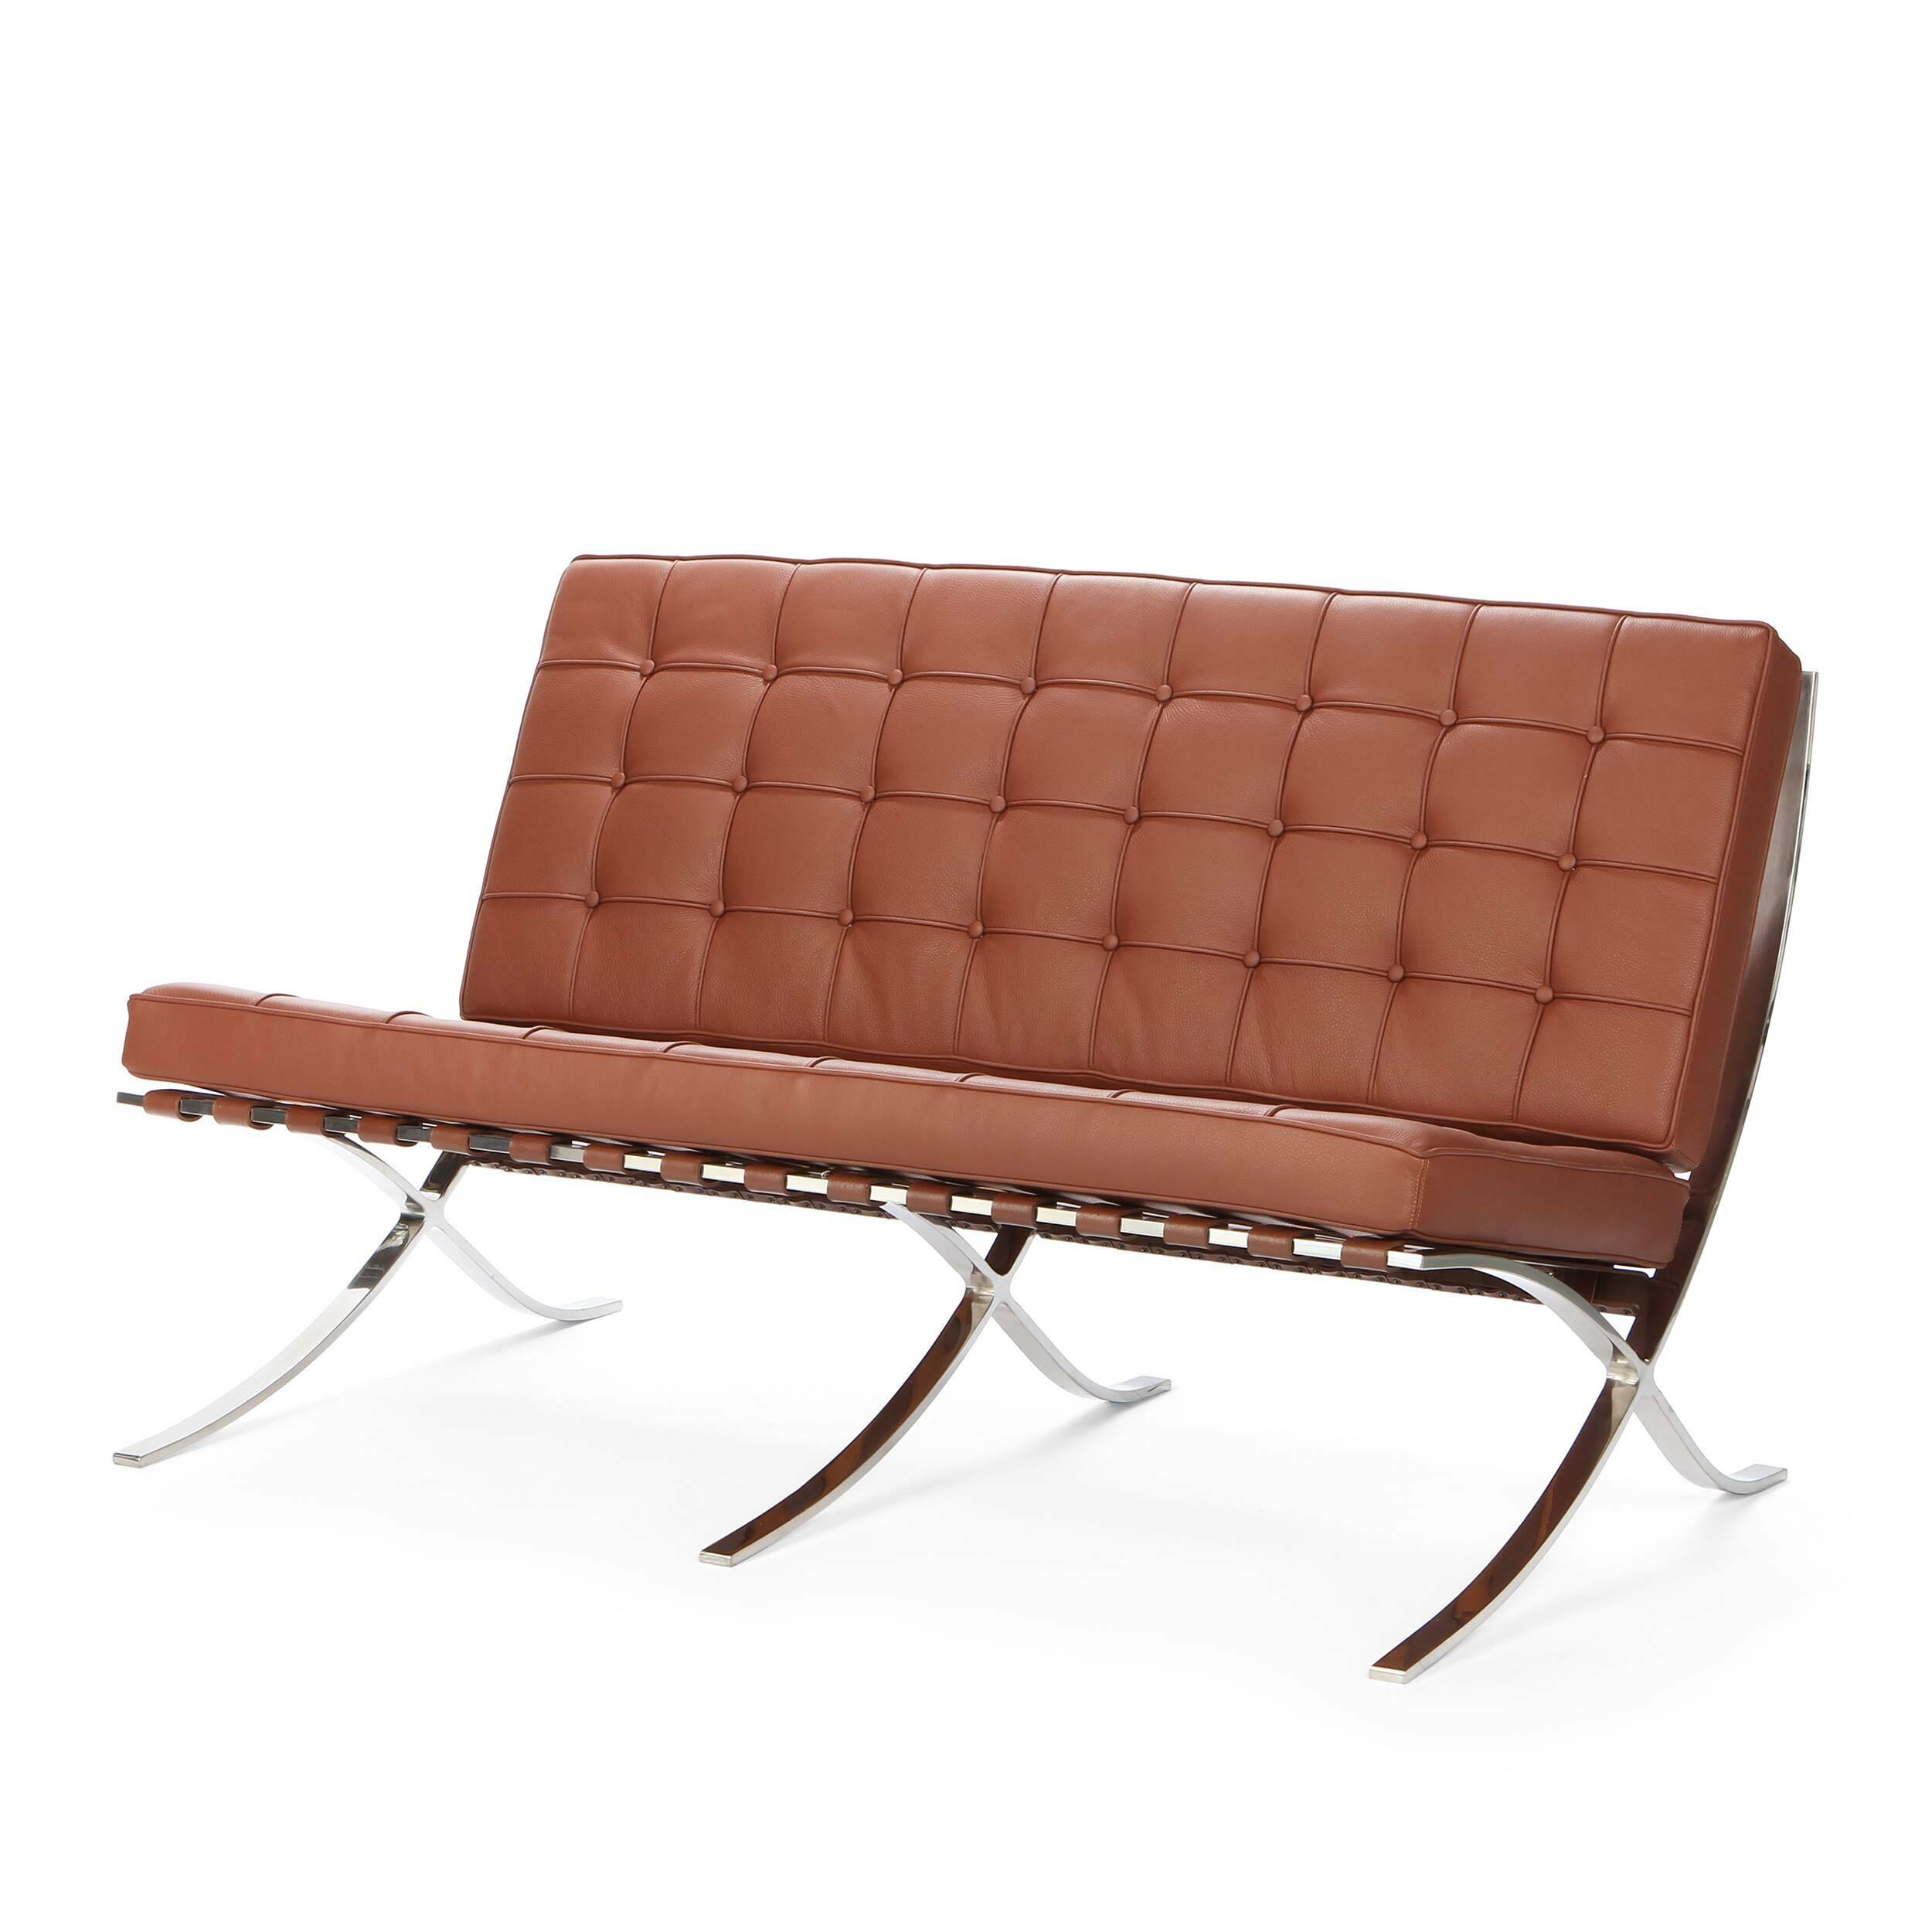 Диван Barcelona 2Двухместные<br>Дизайнерский cтильный кожаный диван Barcelona 2 (Барселона 2) на металлических ножках от Cosmo <br><br><br> Дизайн дивана Barcelona 2 был результатом сотрудничества Лили Рейх и Людвига Миса ван дер Роэ. Как так могло получиться, что диван, созданный 80 лет назад, до сих пор остается для современной мебели культовым предметом? Давно забытое старое как обычно становится трендом. В 1960-е годы этот диван занял свое заслуженное и почетное место в кабинетах банков, крупных компаний по всему миру и ста...<br><br>stock: 2<br>Высота: 78,5<br>Высота сиденья: 44<br>Глубина: 78<br>Длина: 132,5<br>Цвет ножек: Хром<br>Коллекция ткани: Deluxe<br>Тип материала обивки: Кожа<br>Тип материала ножек: Сталь нержавеющая<br>Цвет обивки: Коричневый